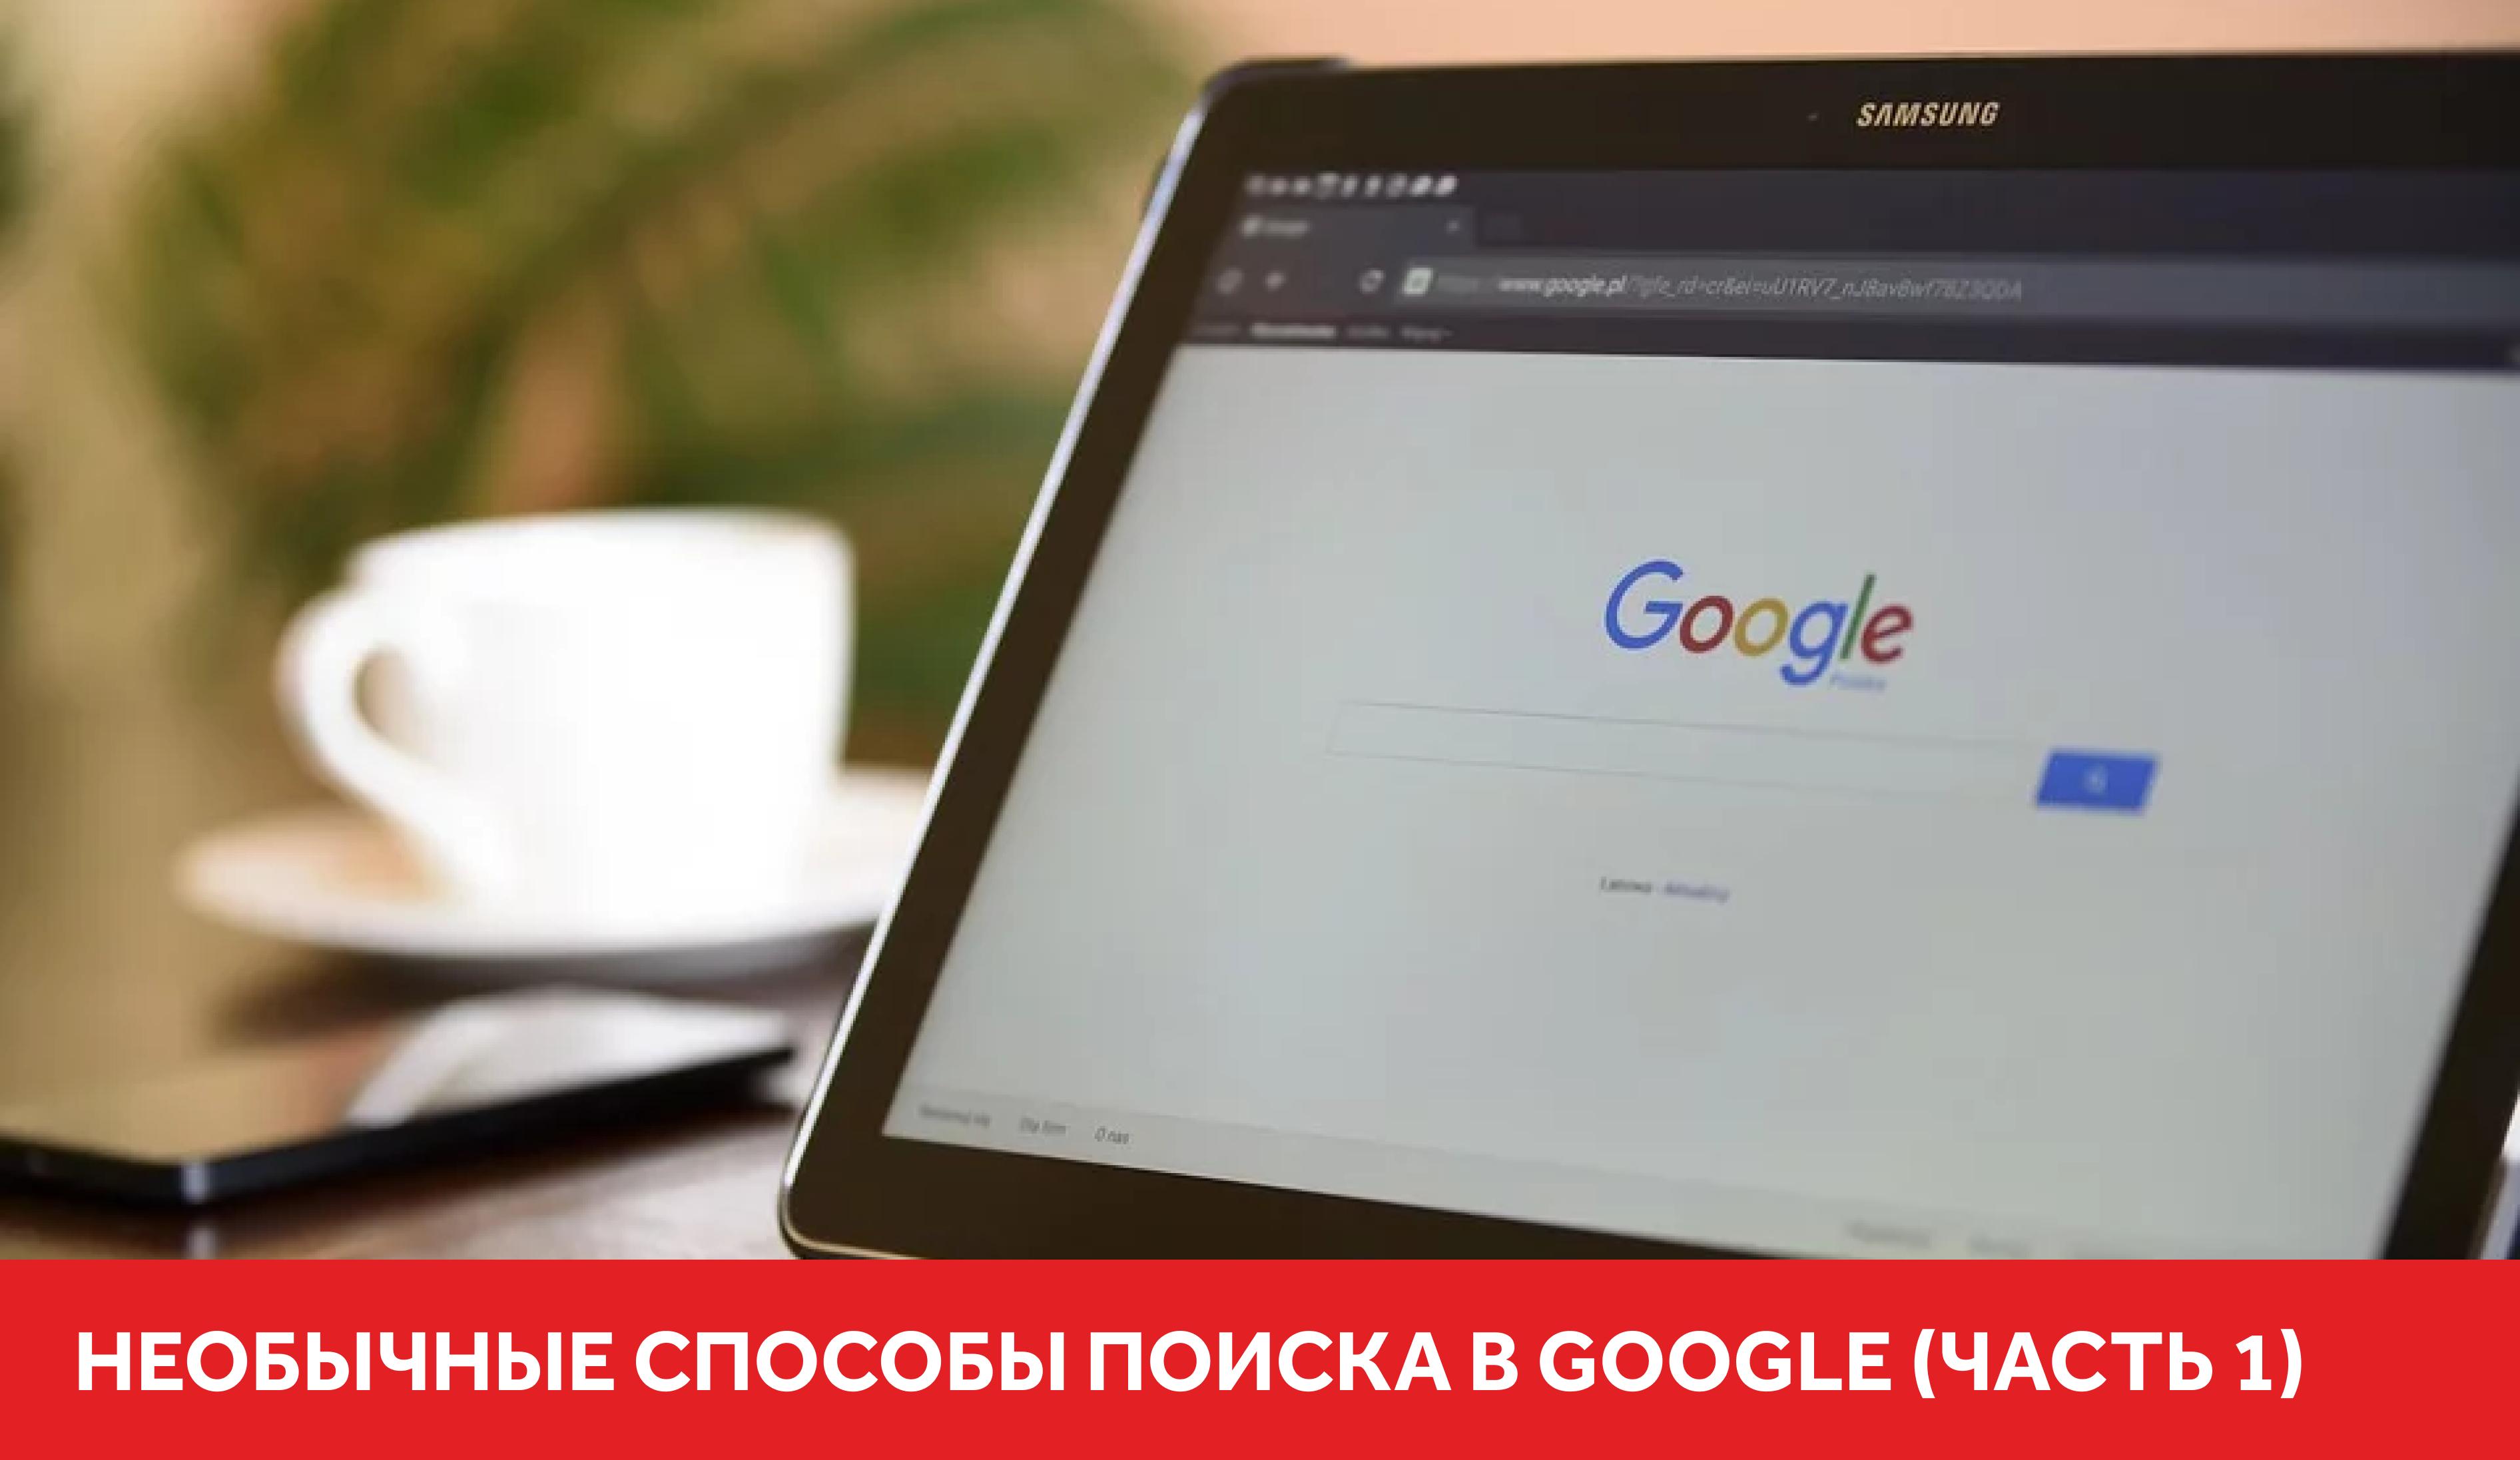 Необычные способы поиска в Google (Часть 1)